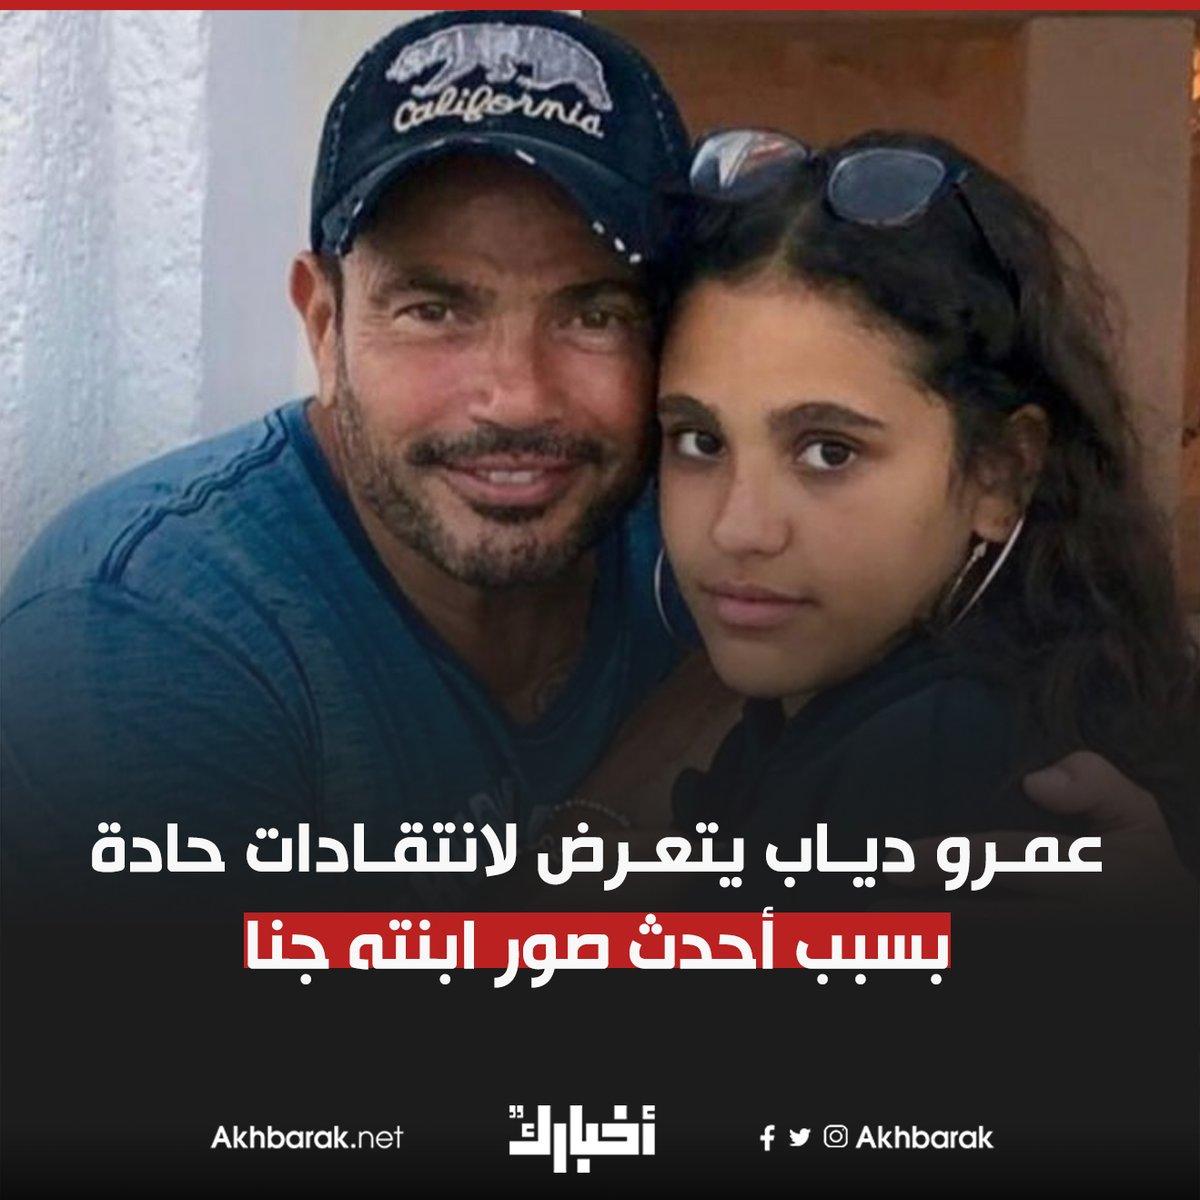 """عمرو دياب يتعرض لهجوم حاد بسبب ابنته """"جنا"""" المصدر الطريق"""